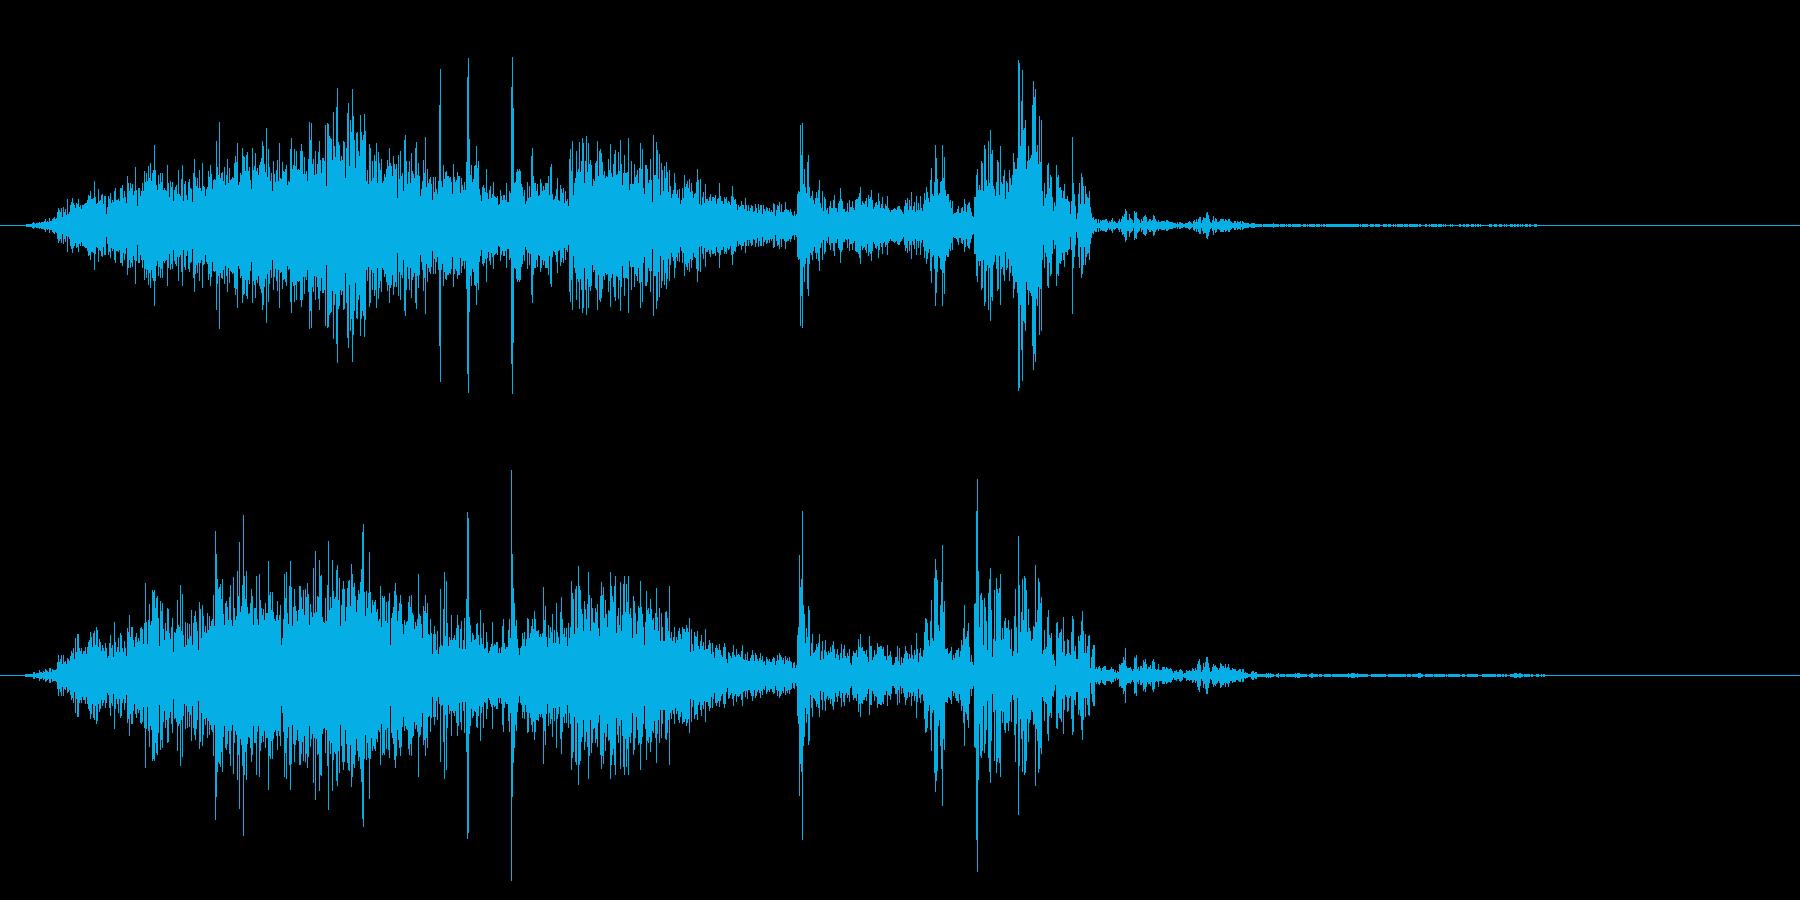 シュルシュルパ(逃げる虫をたたく音)の再生済みの波形